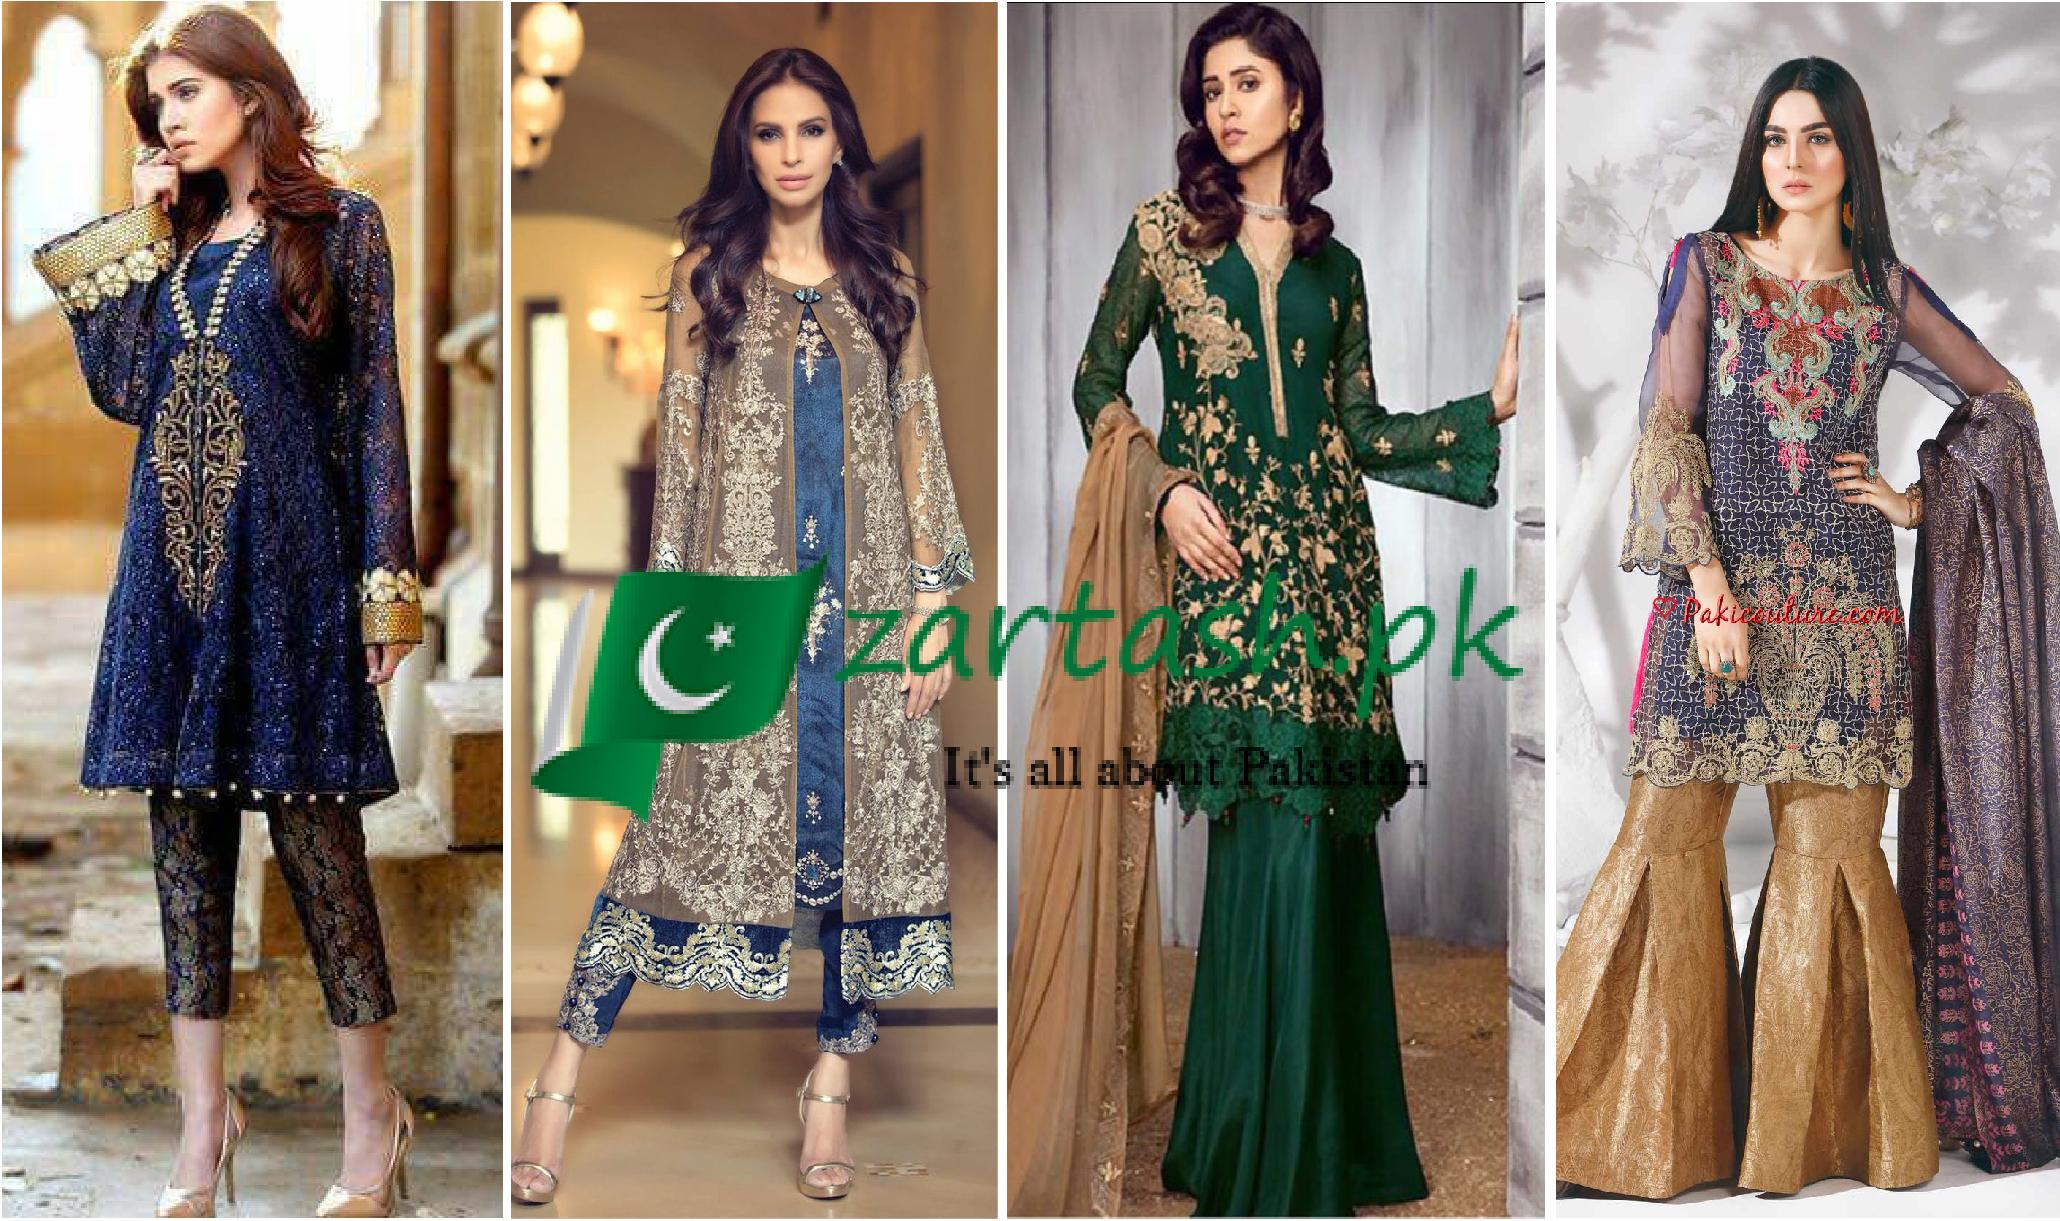 Fashion Industry in Pakistan